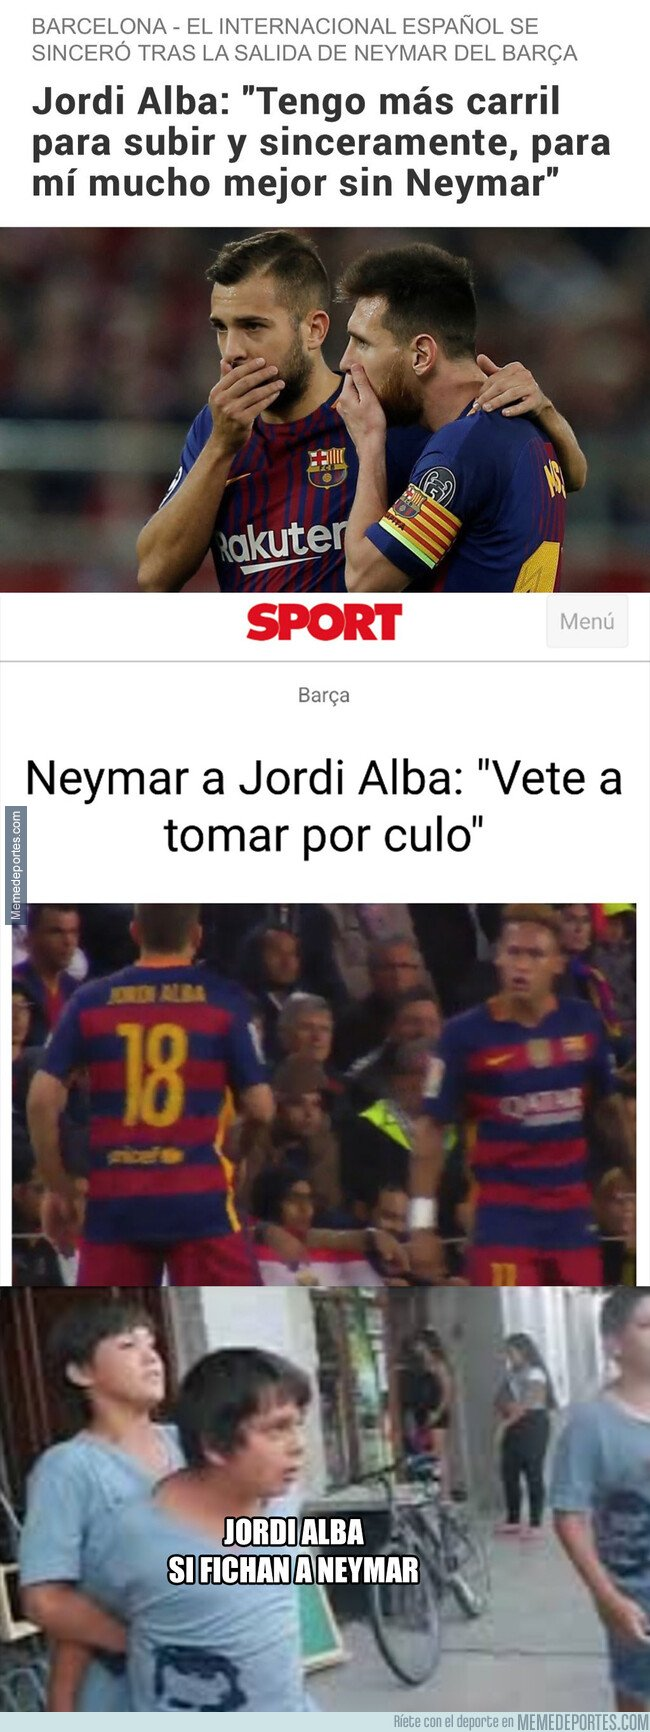 1084309 - La frase que Jordi Alba soltó sobre Neymar y viceversa que deja claro que se llevarán a matar si el brasileño vuelve al Barça